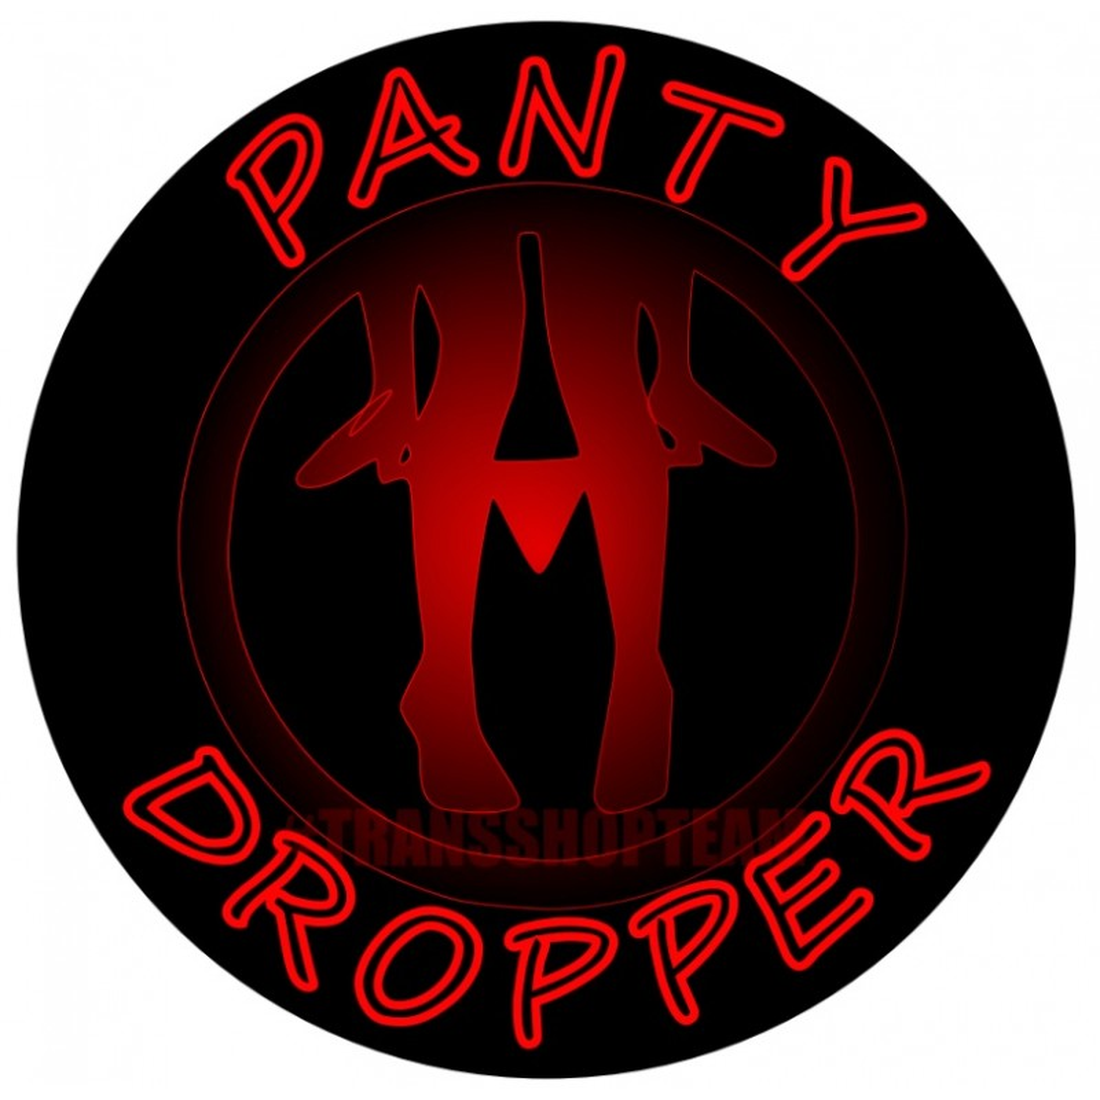 PANTY DROPPER NALEPKA 10 CM